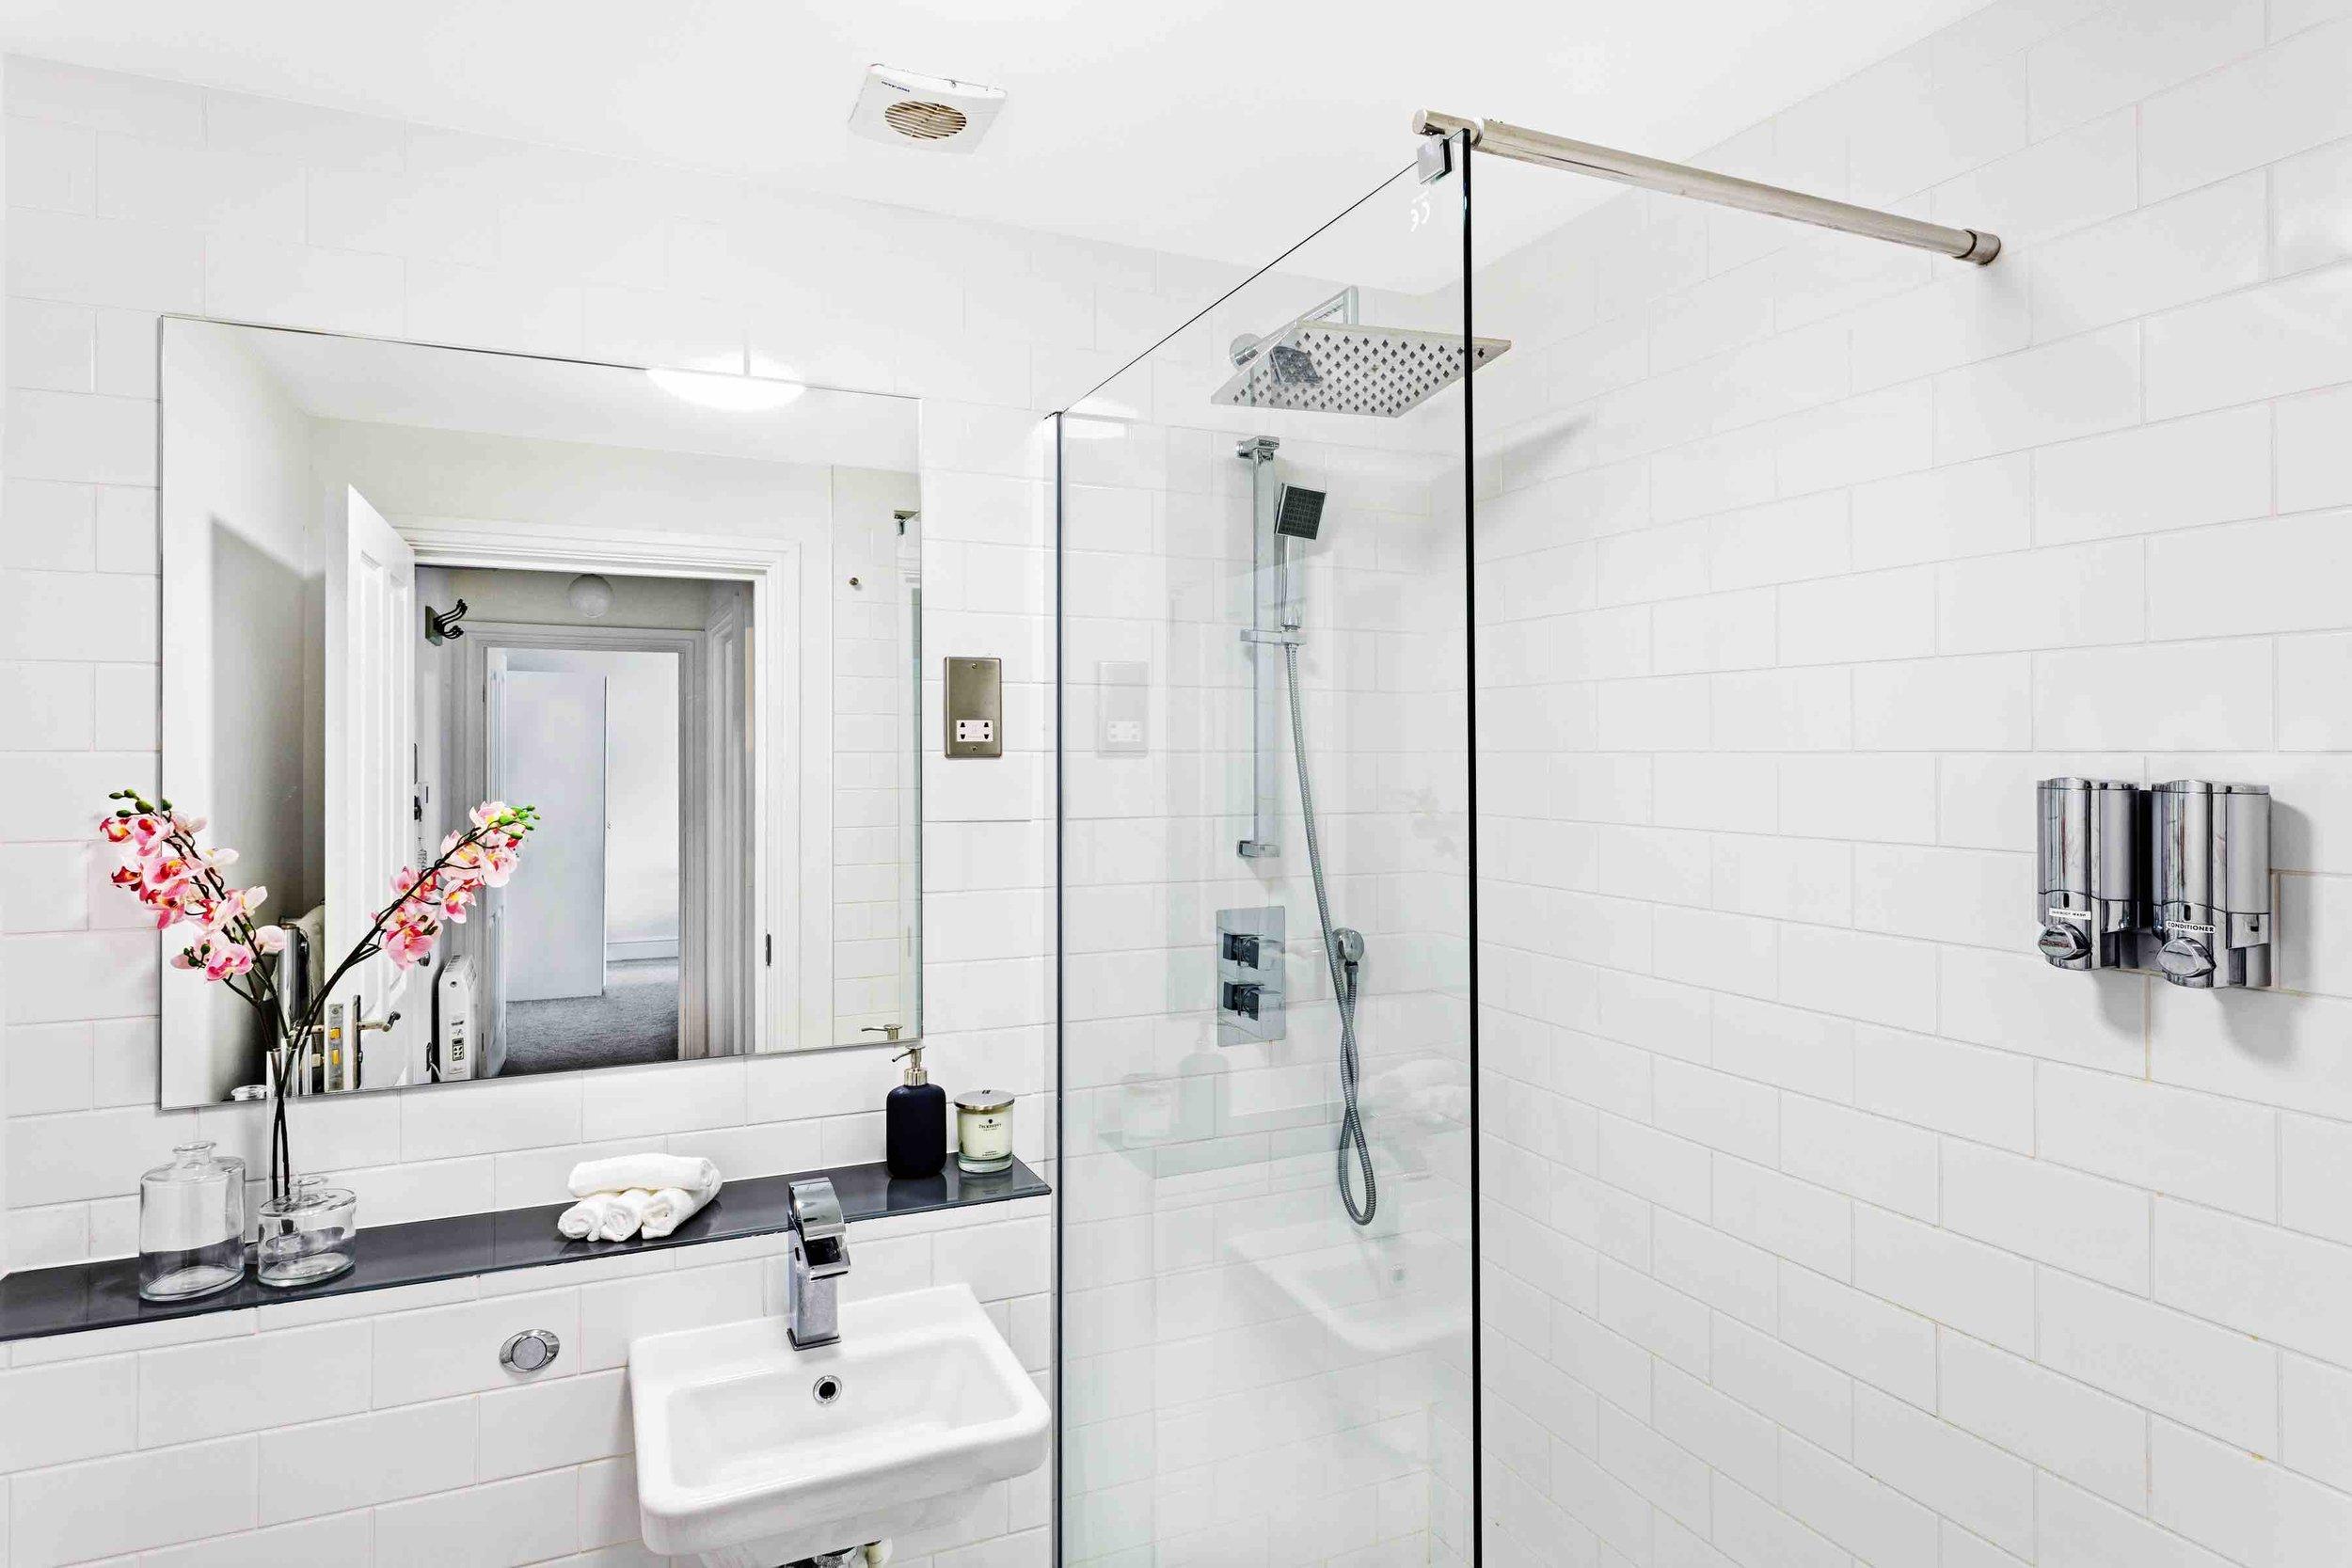 040 BC3 Bathroom a.jpg